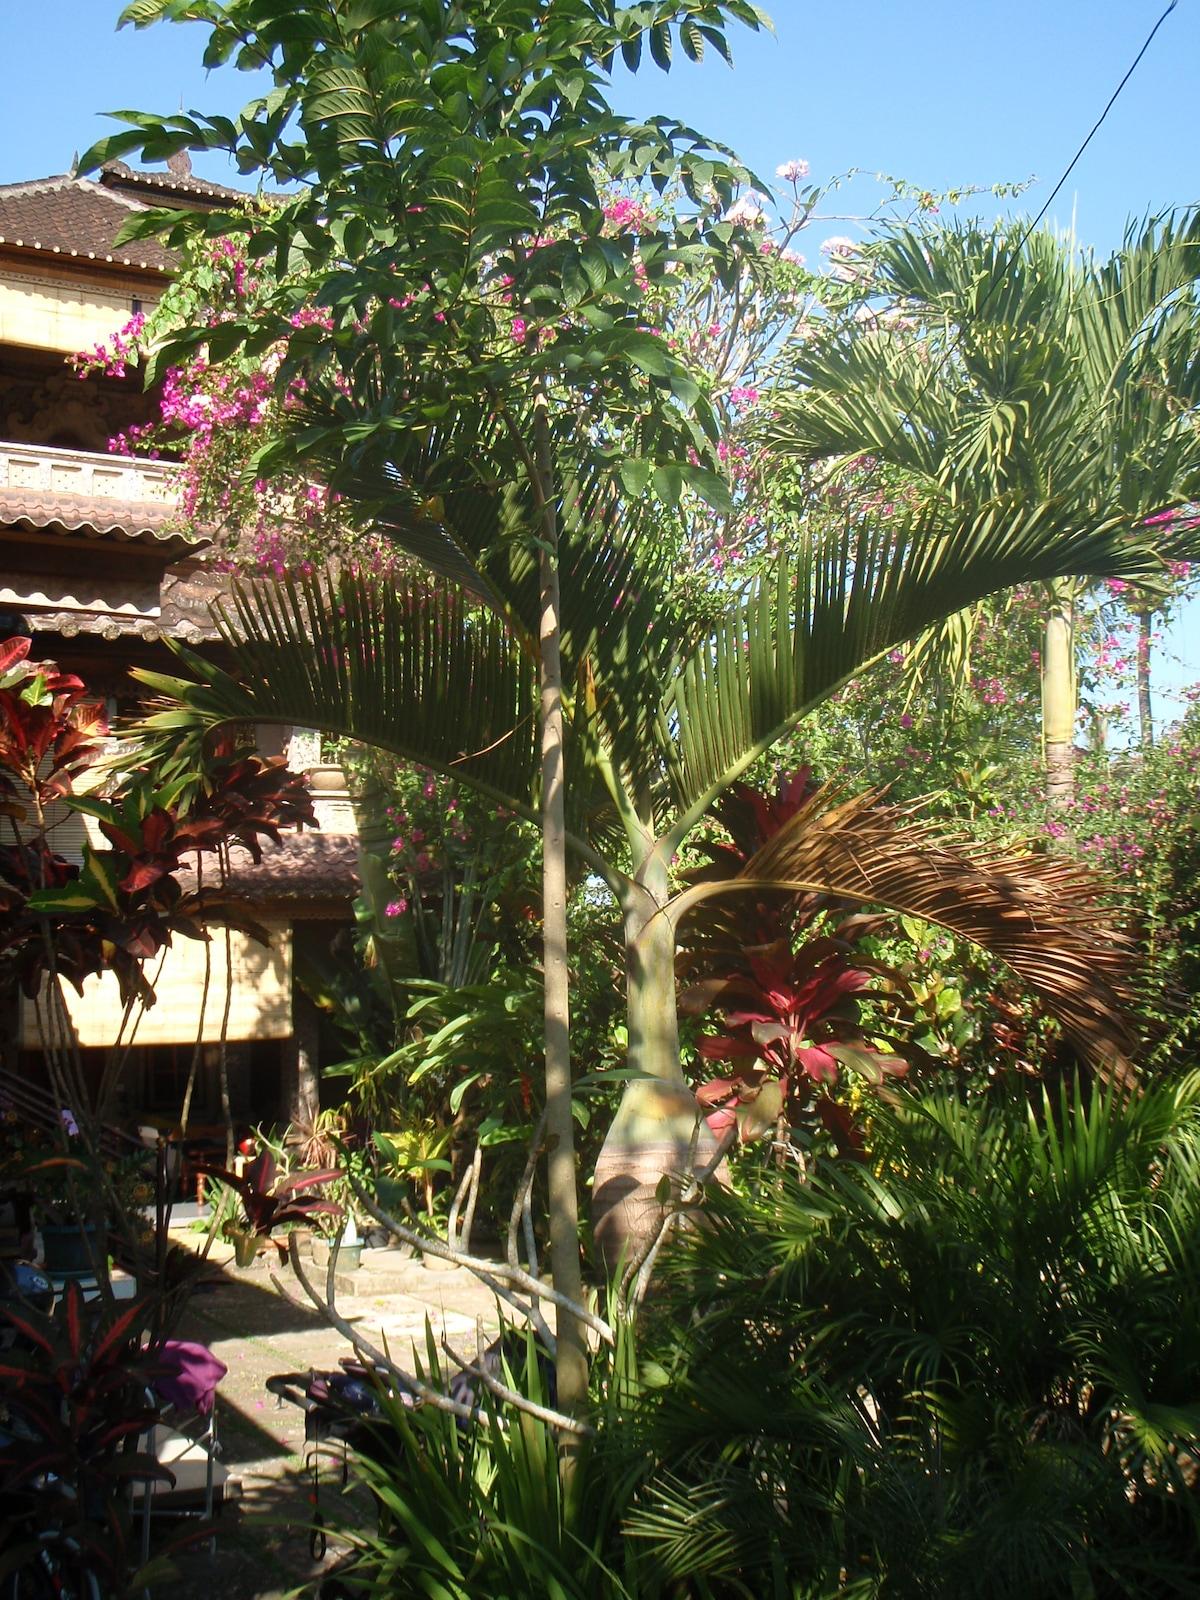 Taman Sari Guest House Gardens